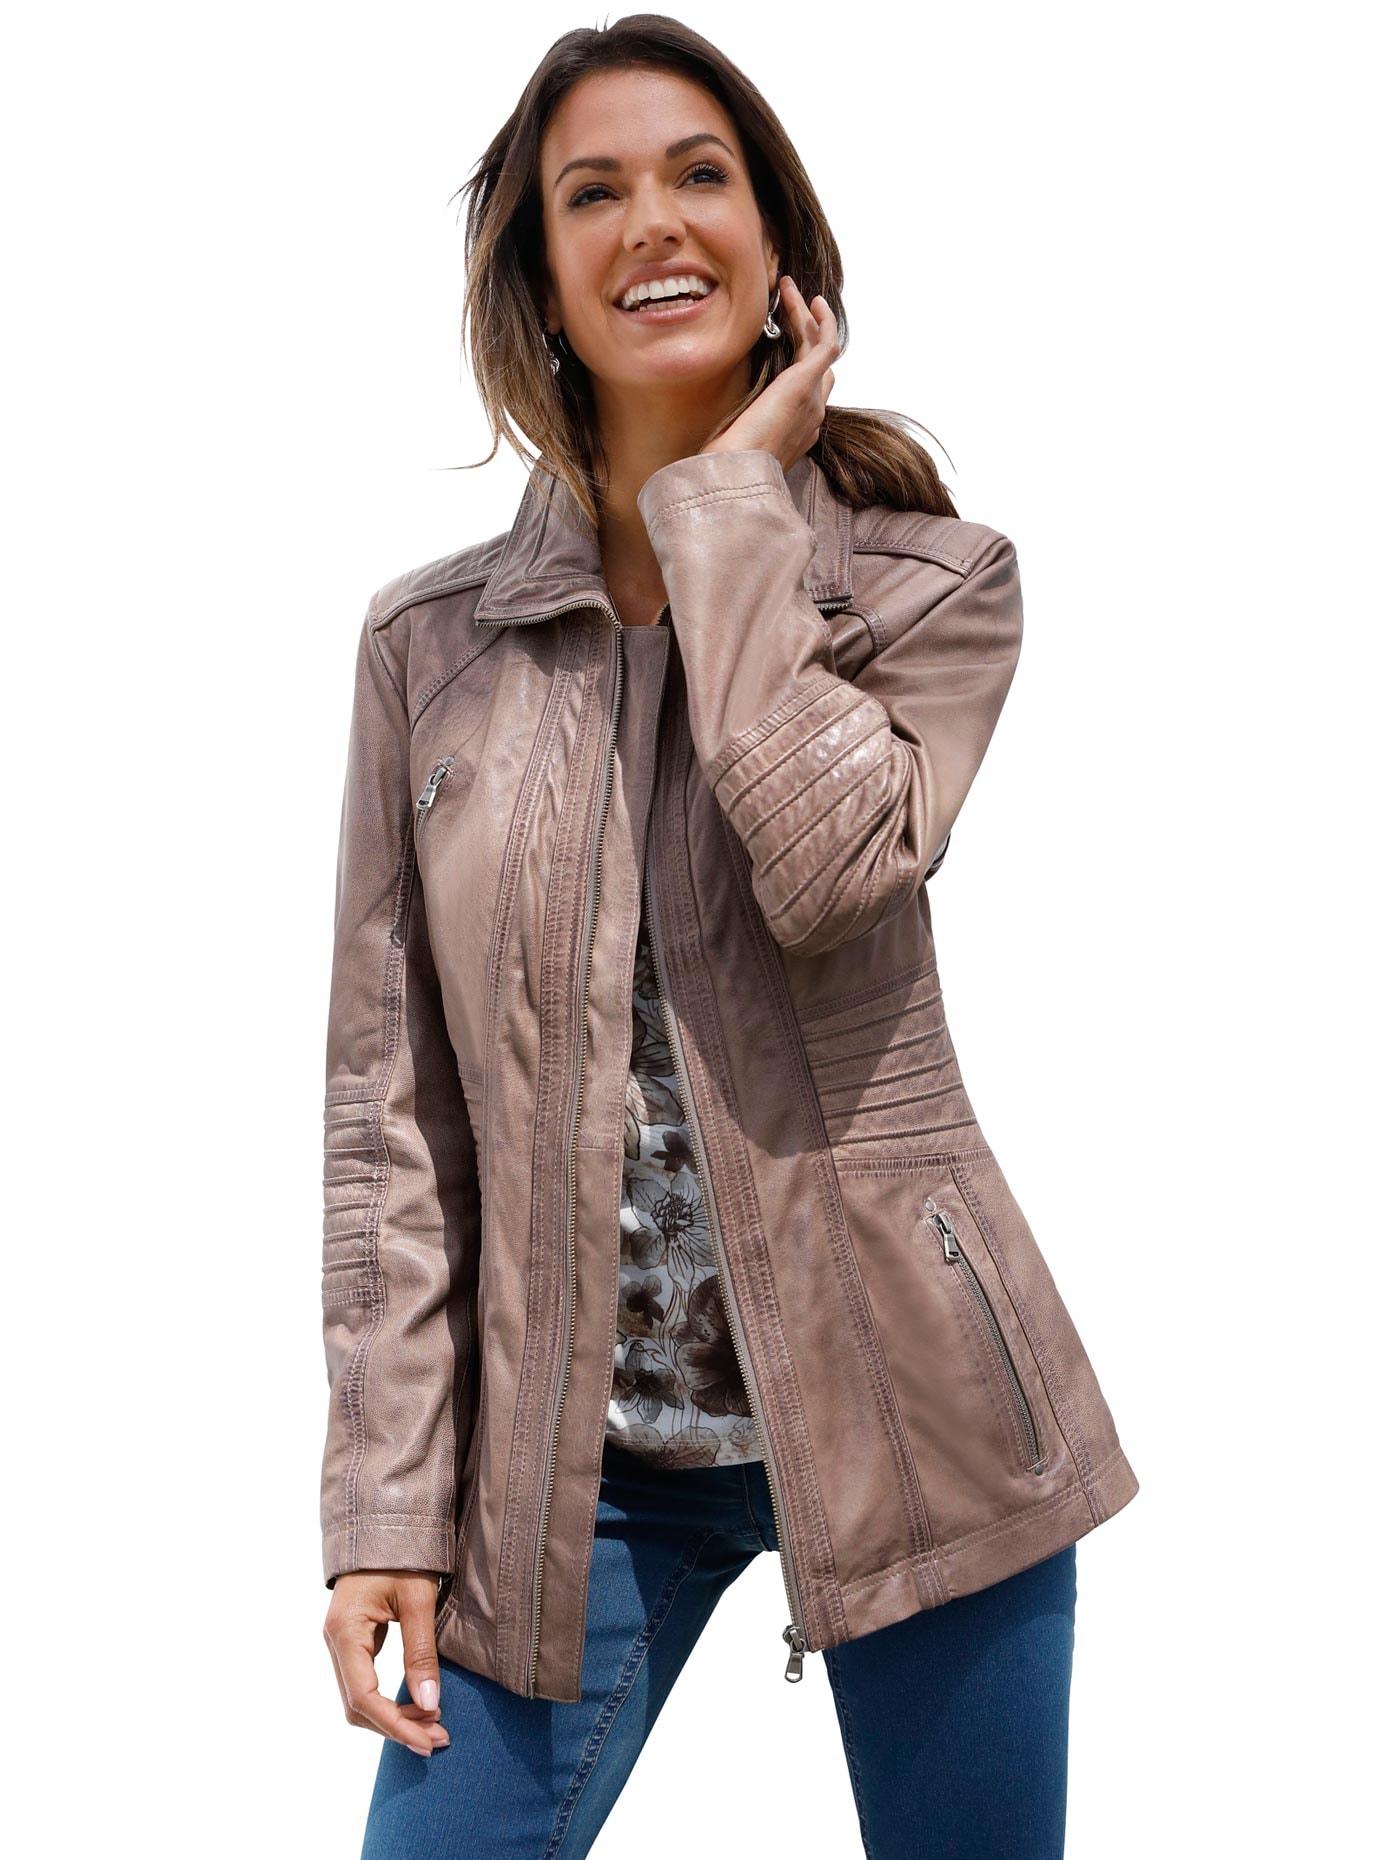 Mainpol Lederjacke aus weichem Lammnappa Leder für | BAUR